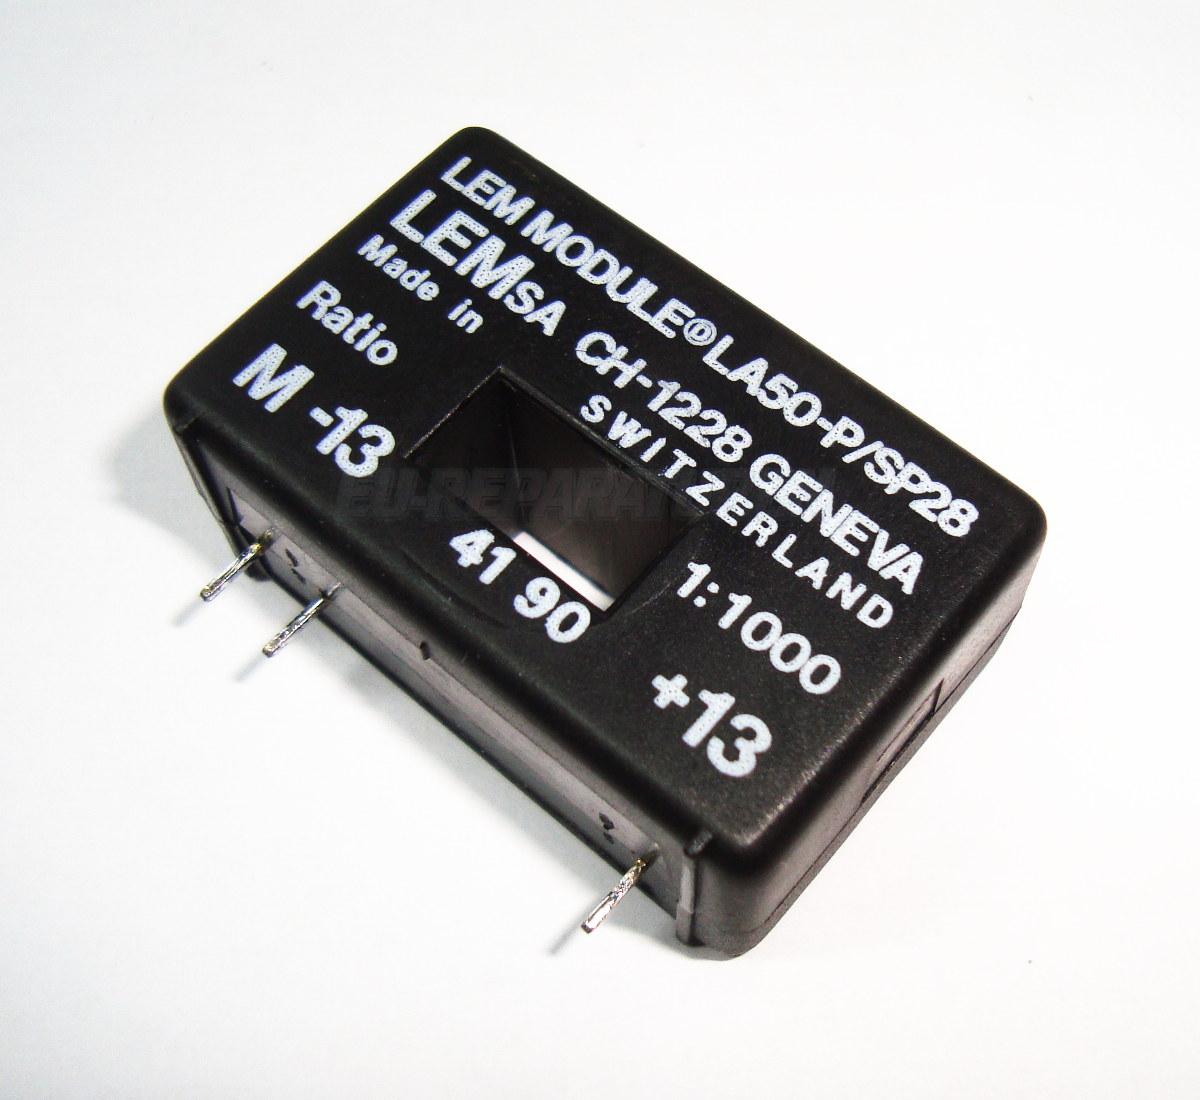 SHOP, Kaufen: LEM LA50-P/SP28 STROMWANDLER